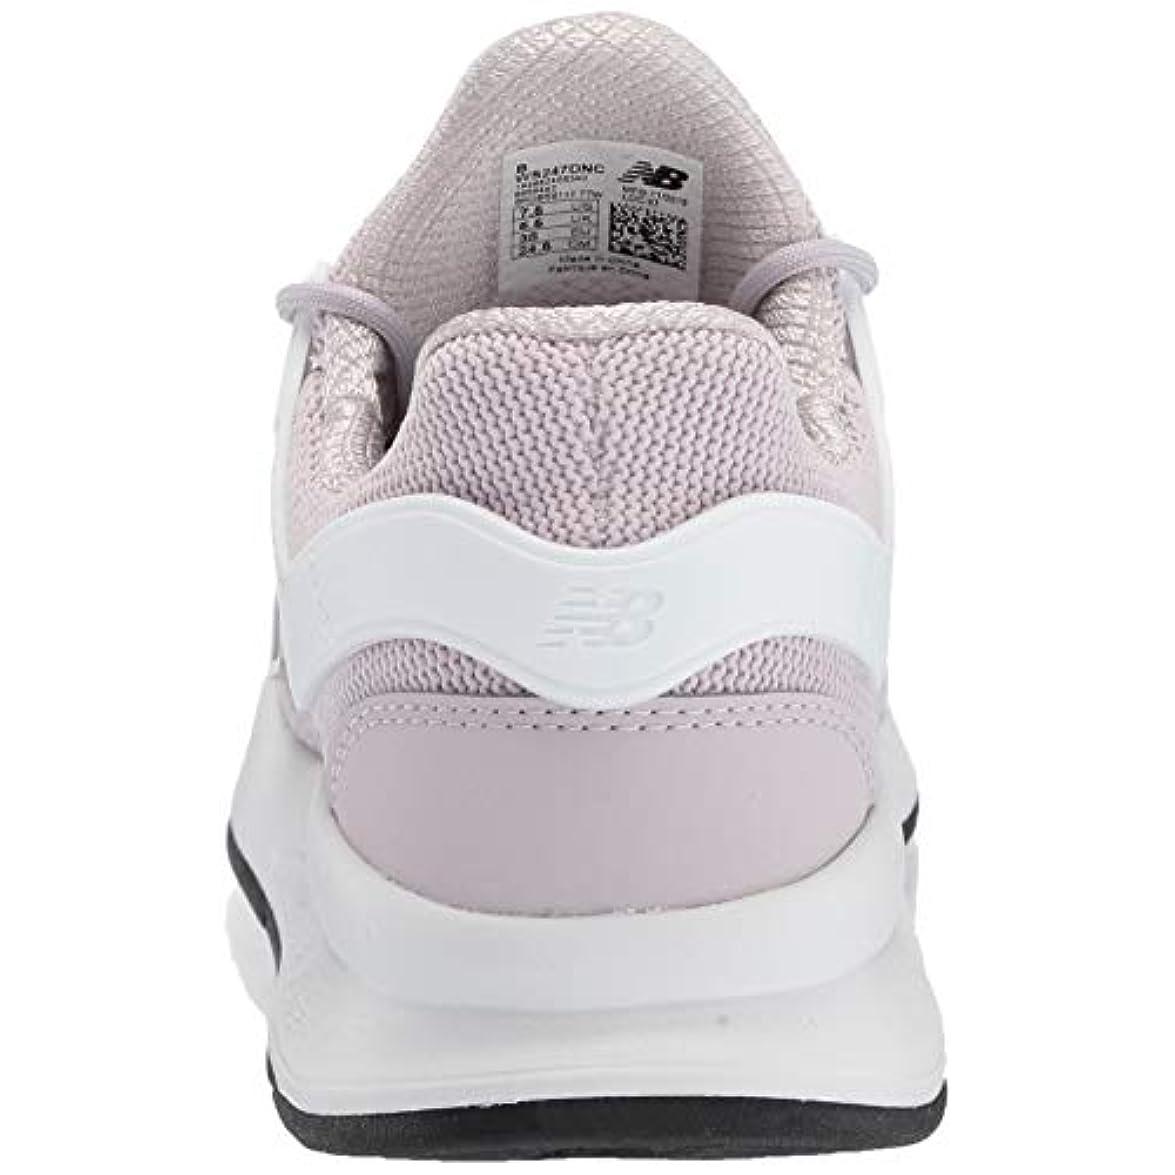 New Balancews247ue - 247v2 Donna Viola light Cashmere white 36 Eu